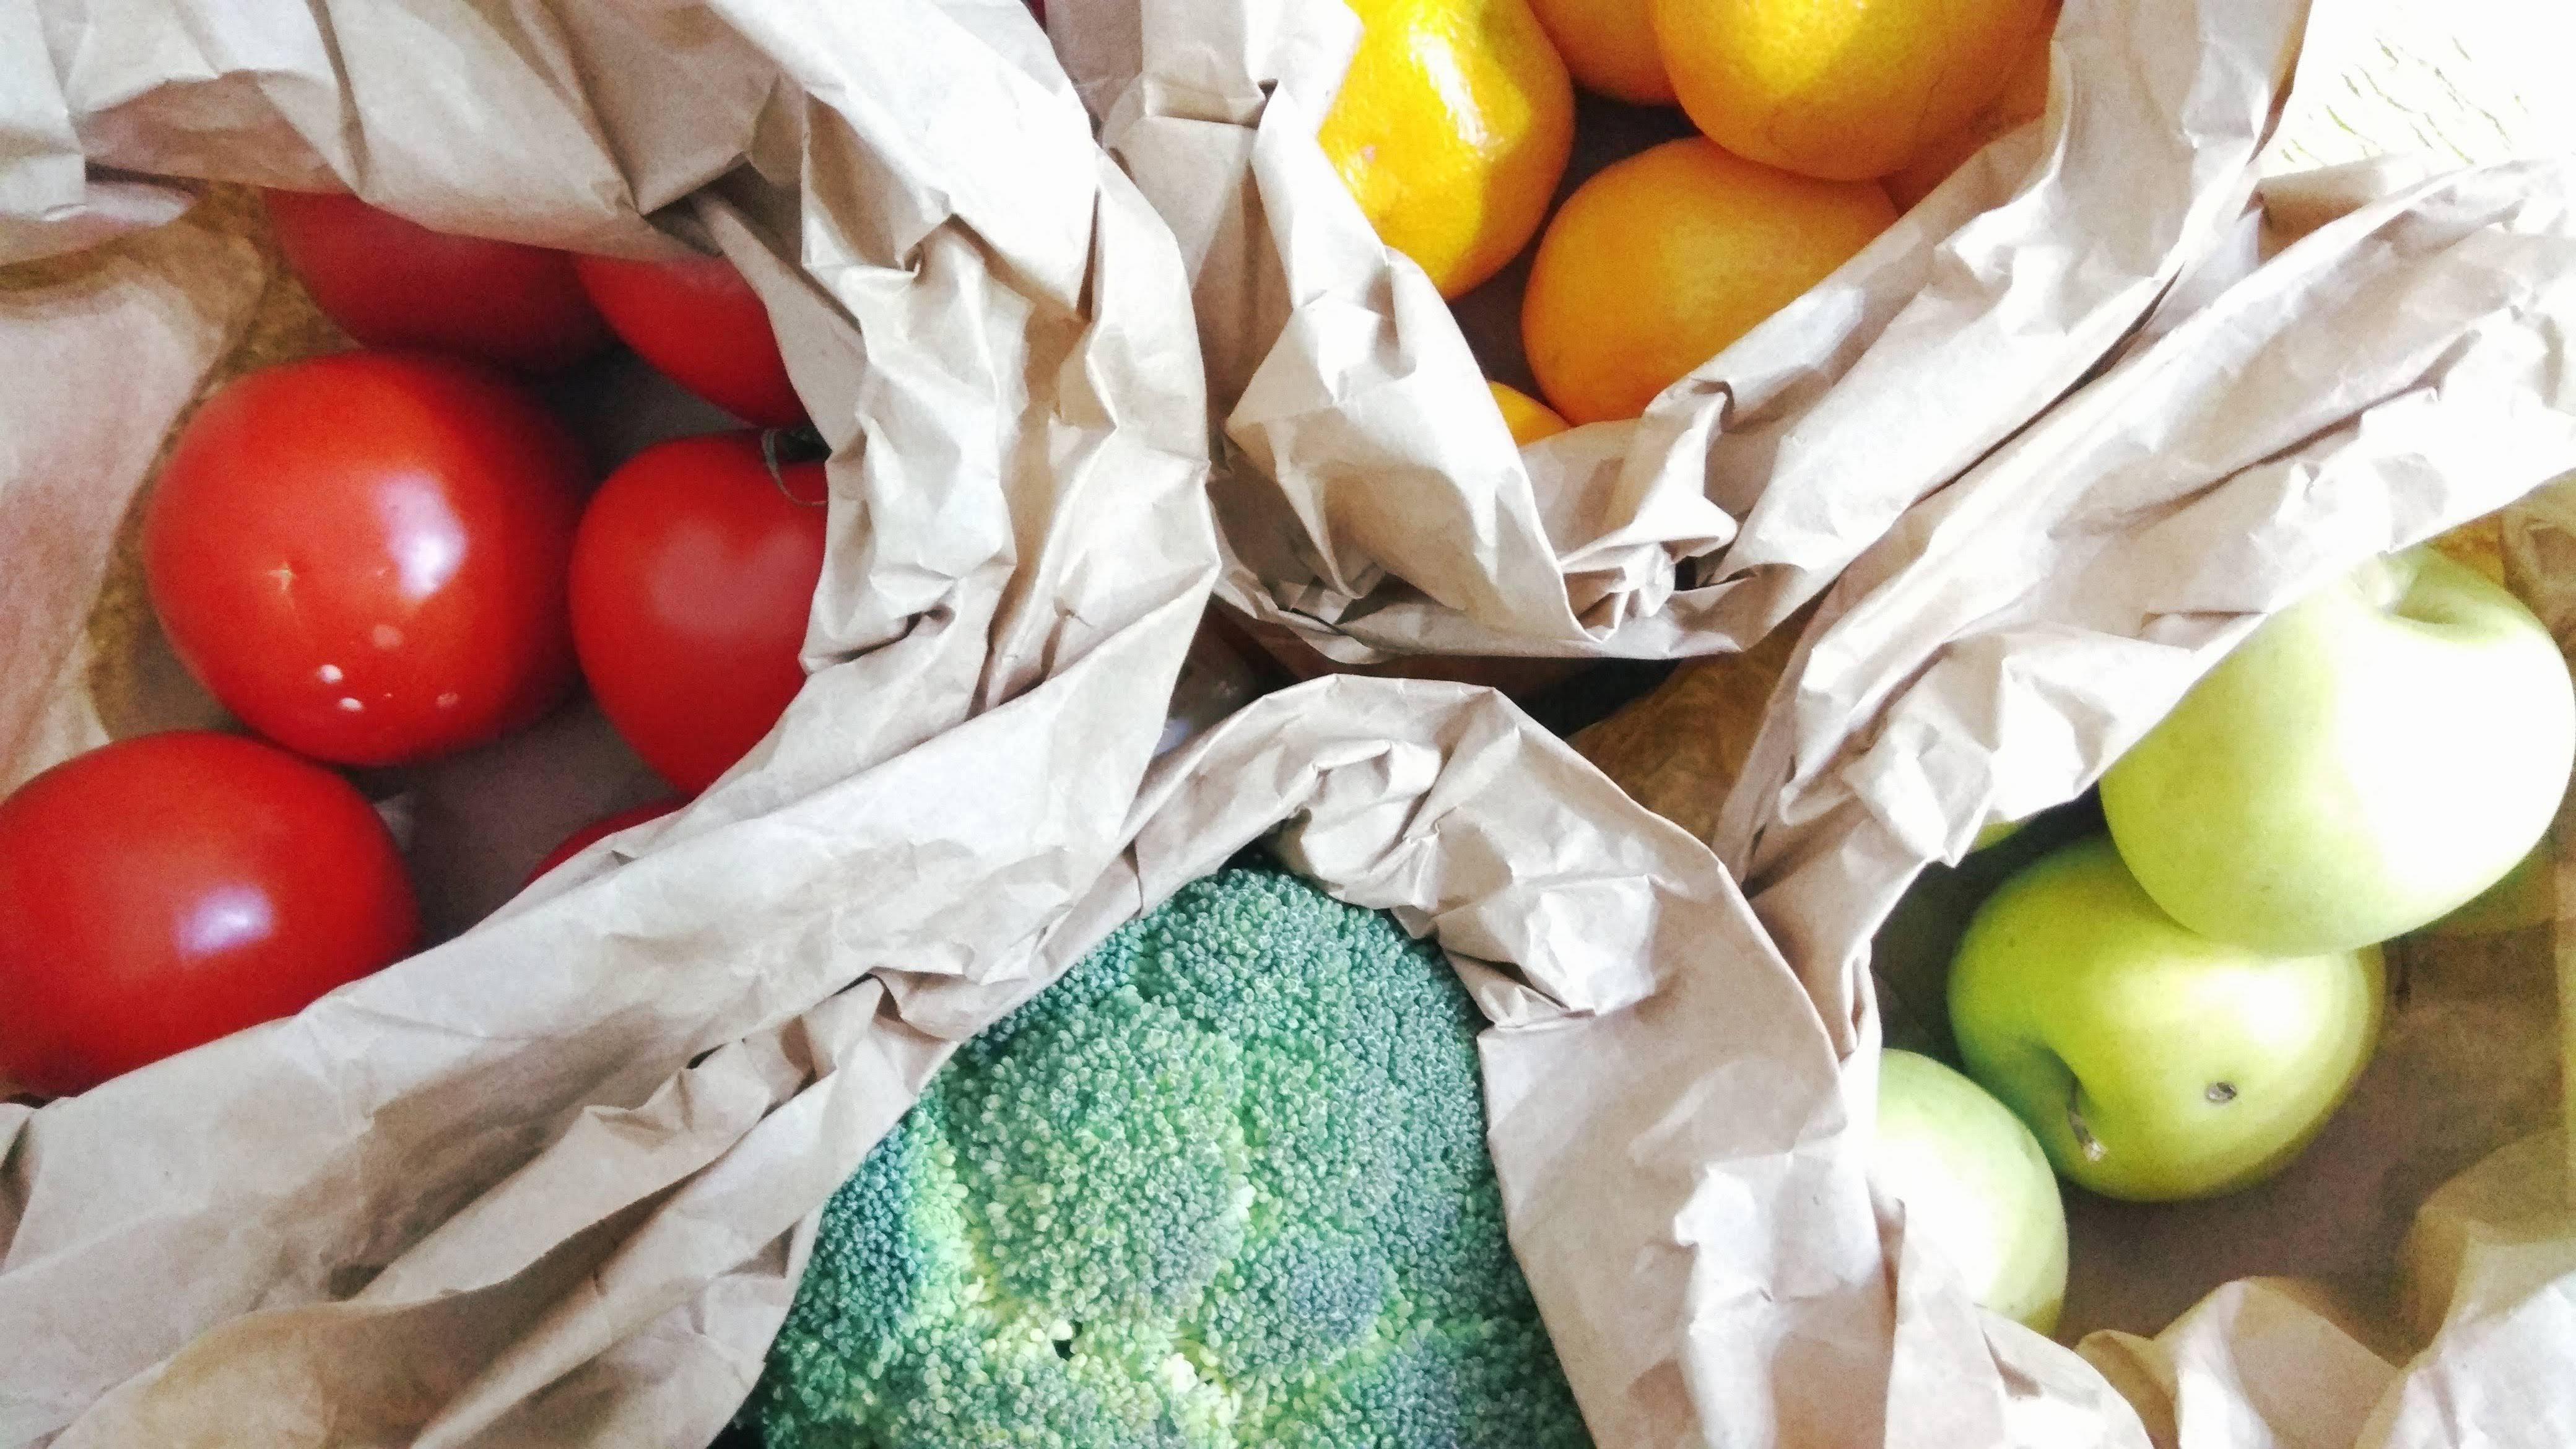 Cioc, cioc, deschideți? Fructe și legume proaspete, la tine la ușă!